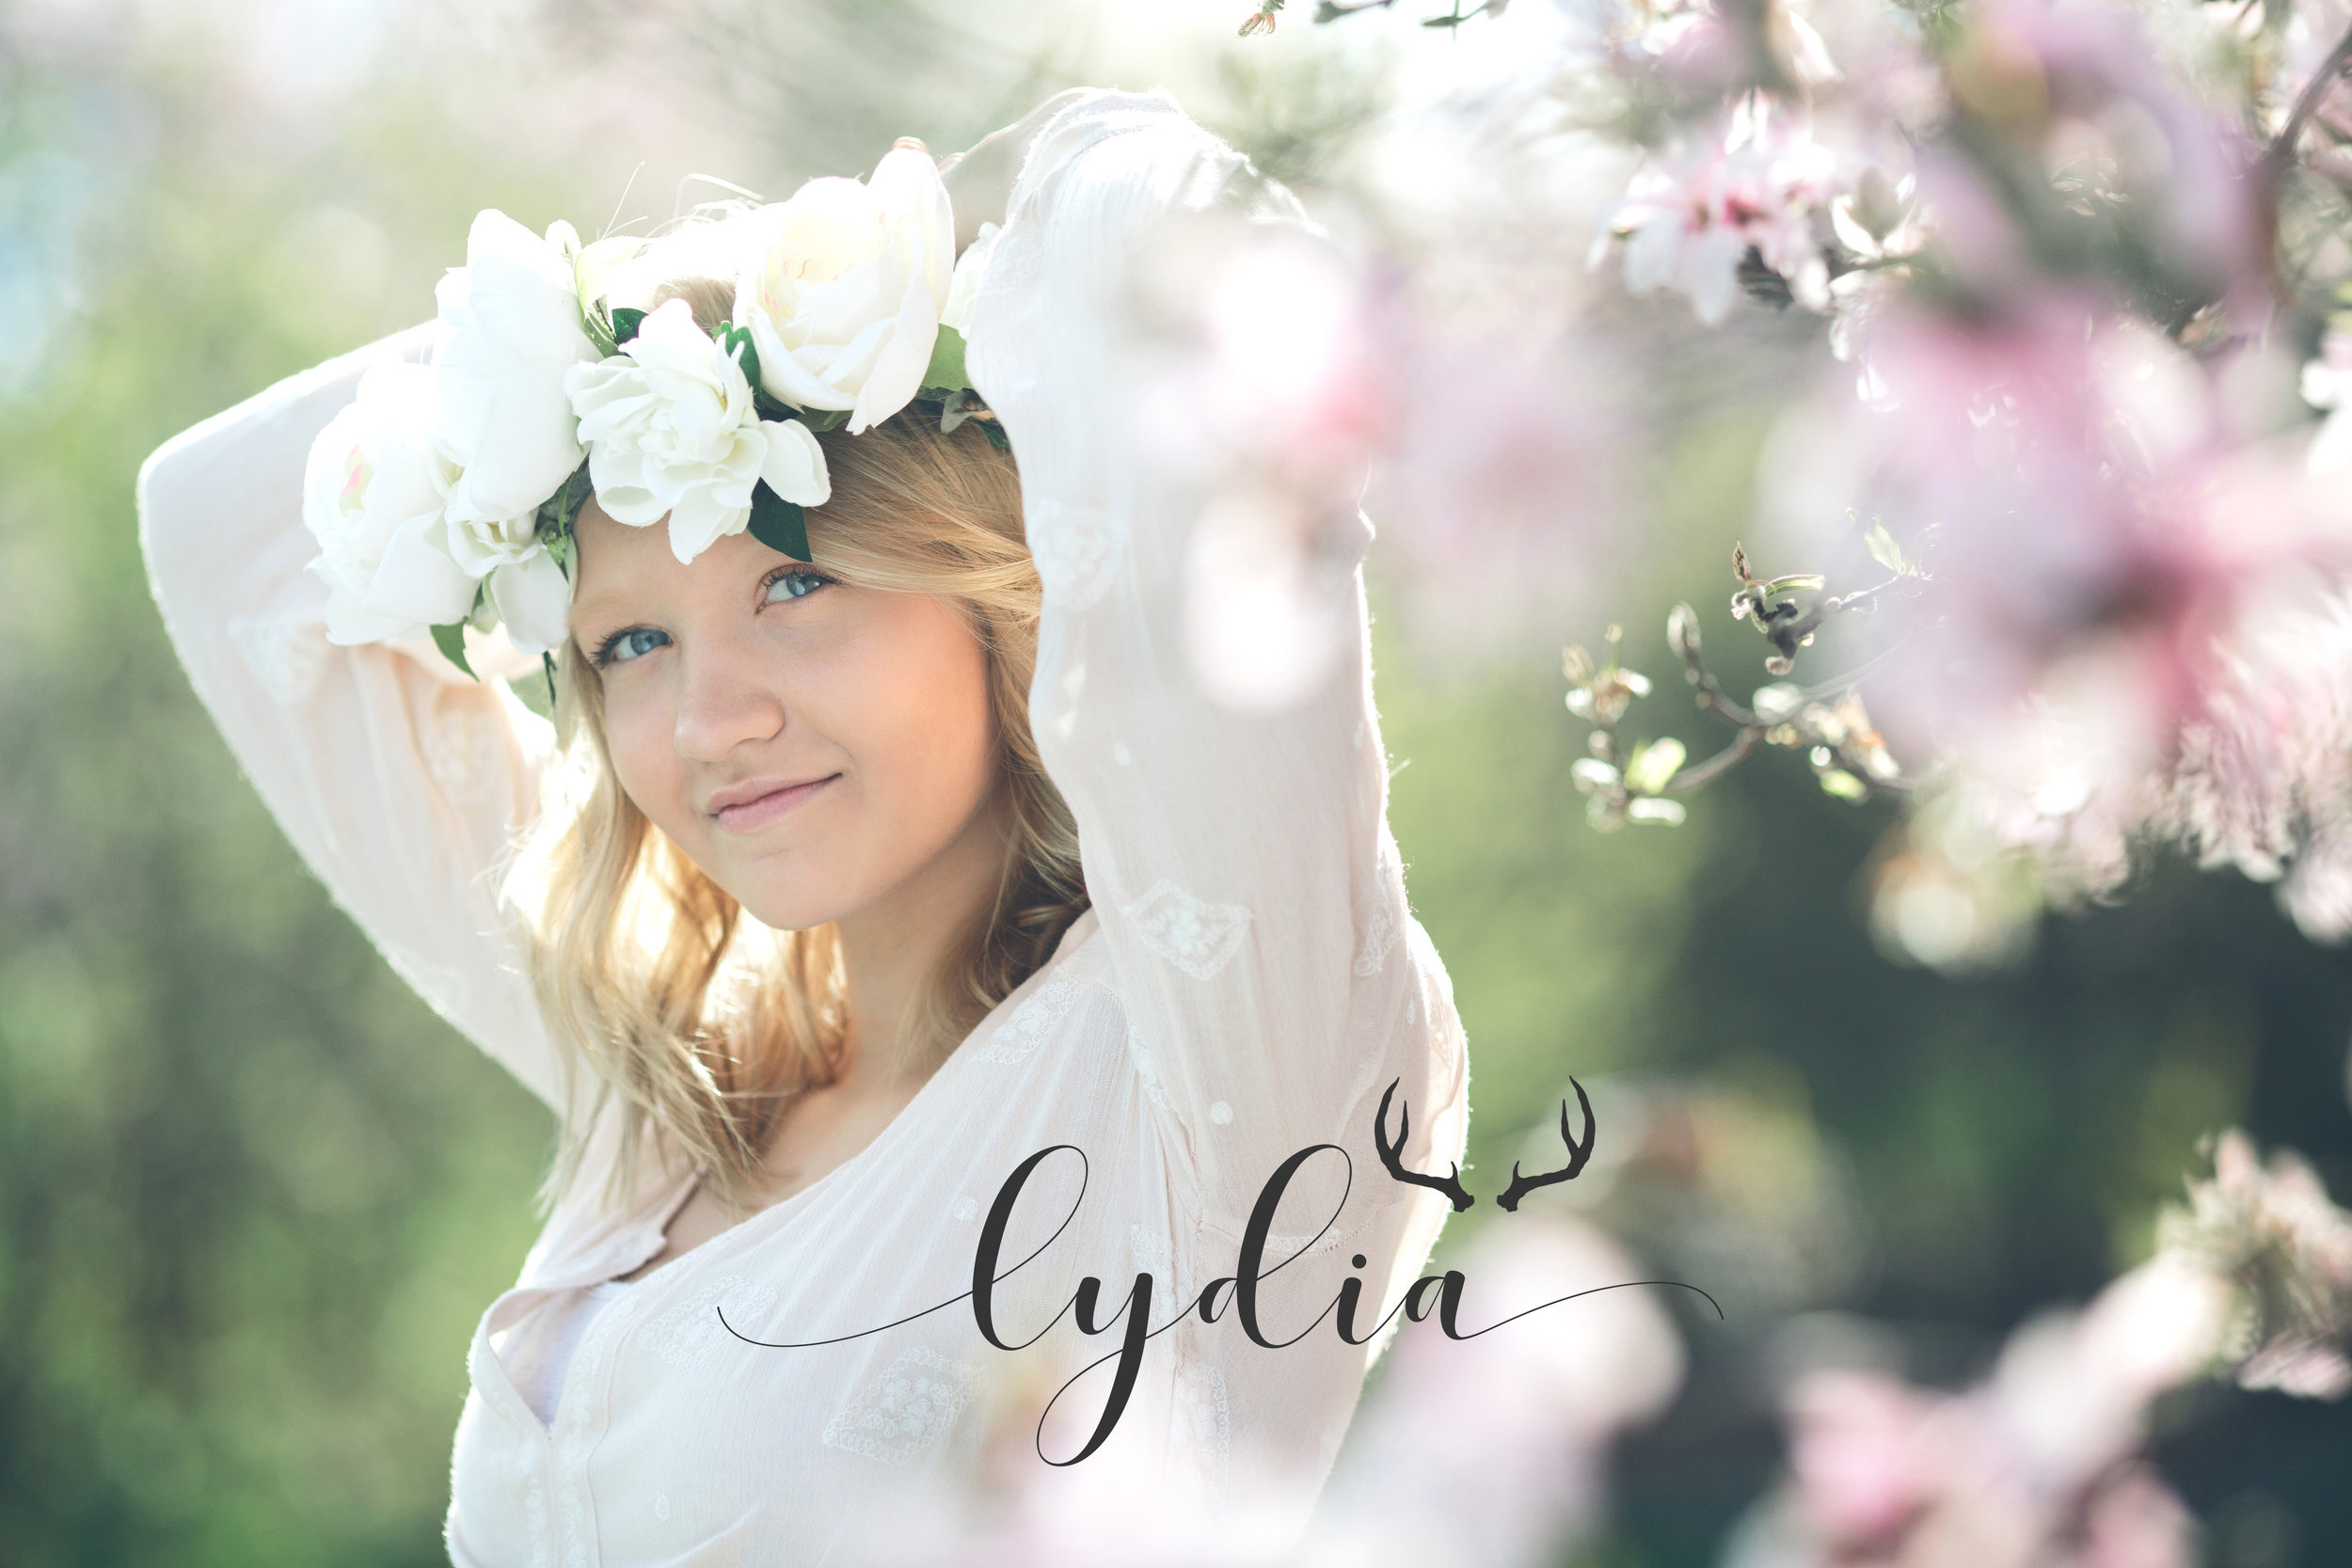 senior-picture-madison-wi-magnolias.jpg